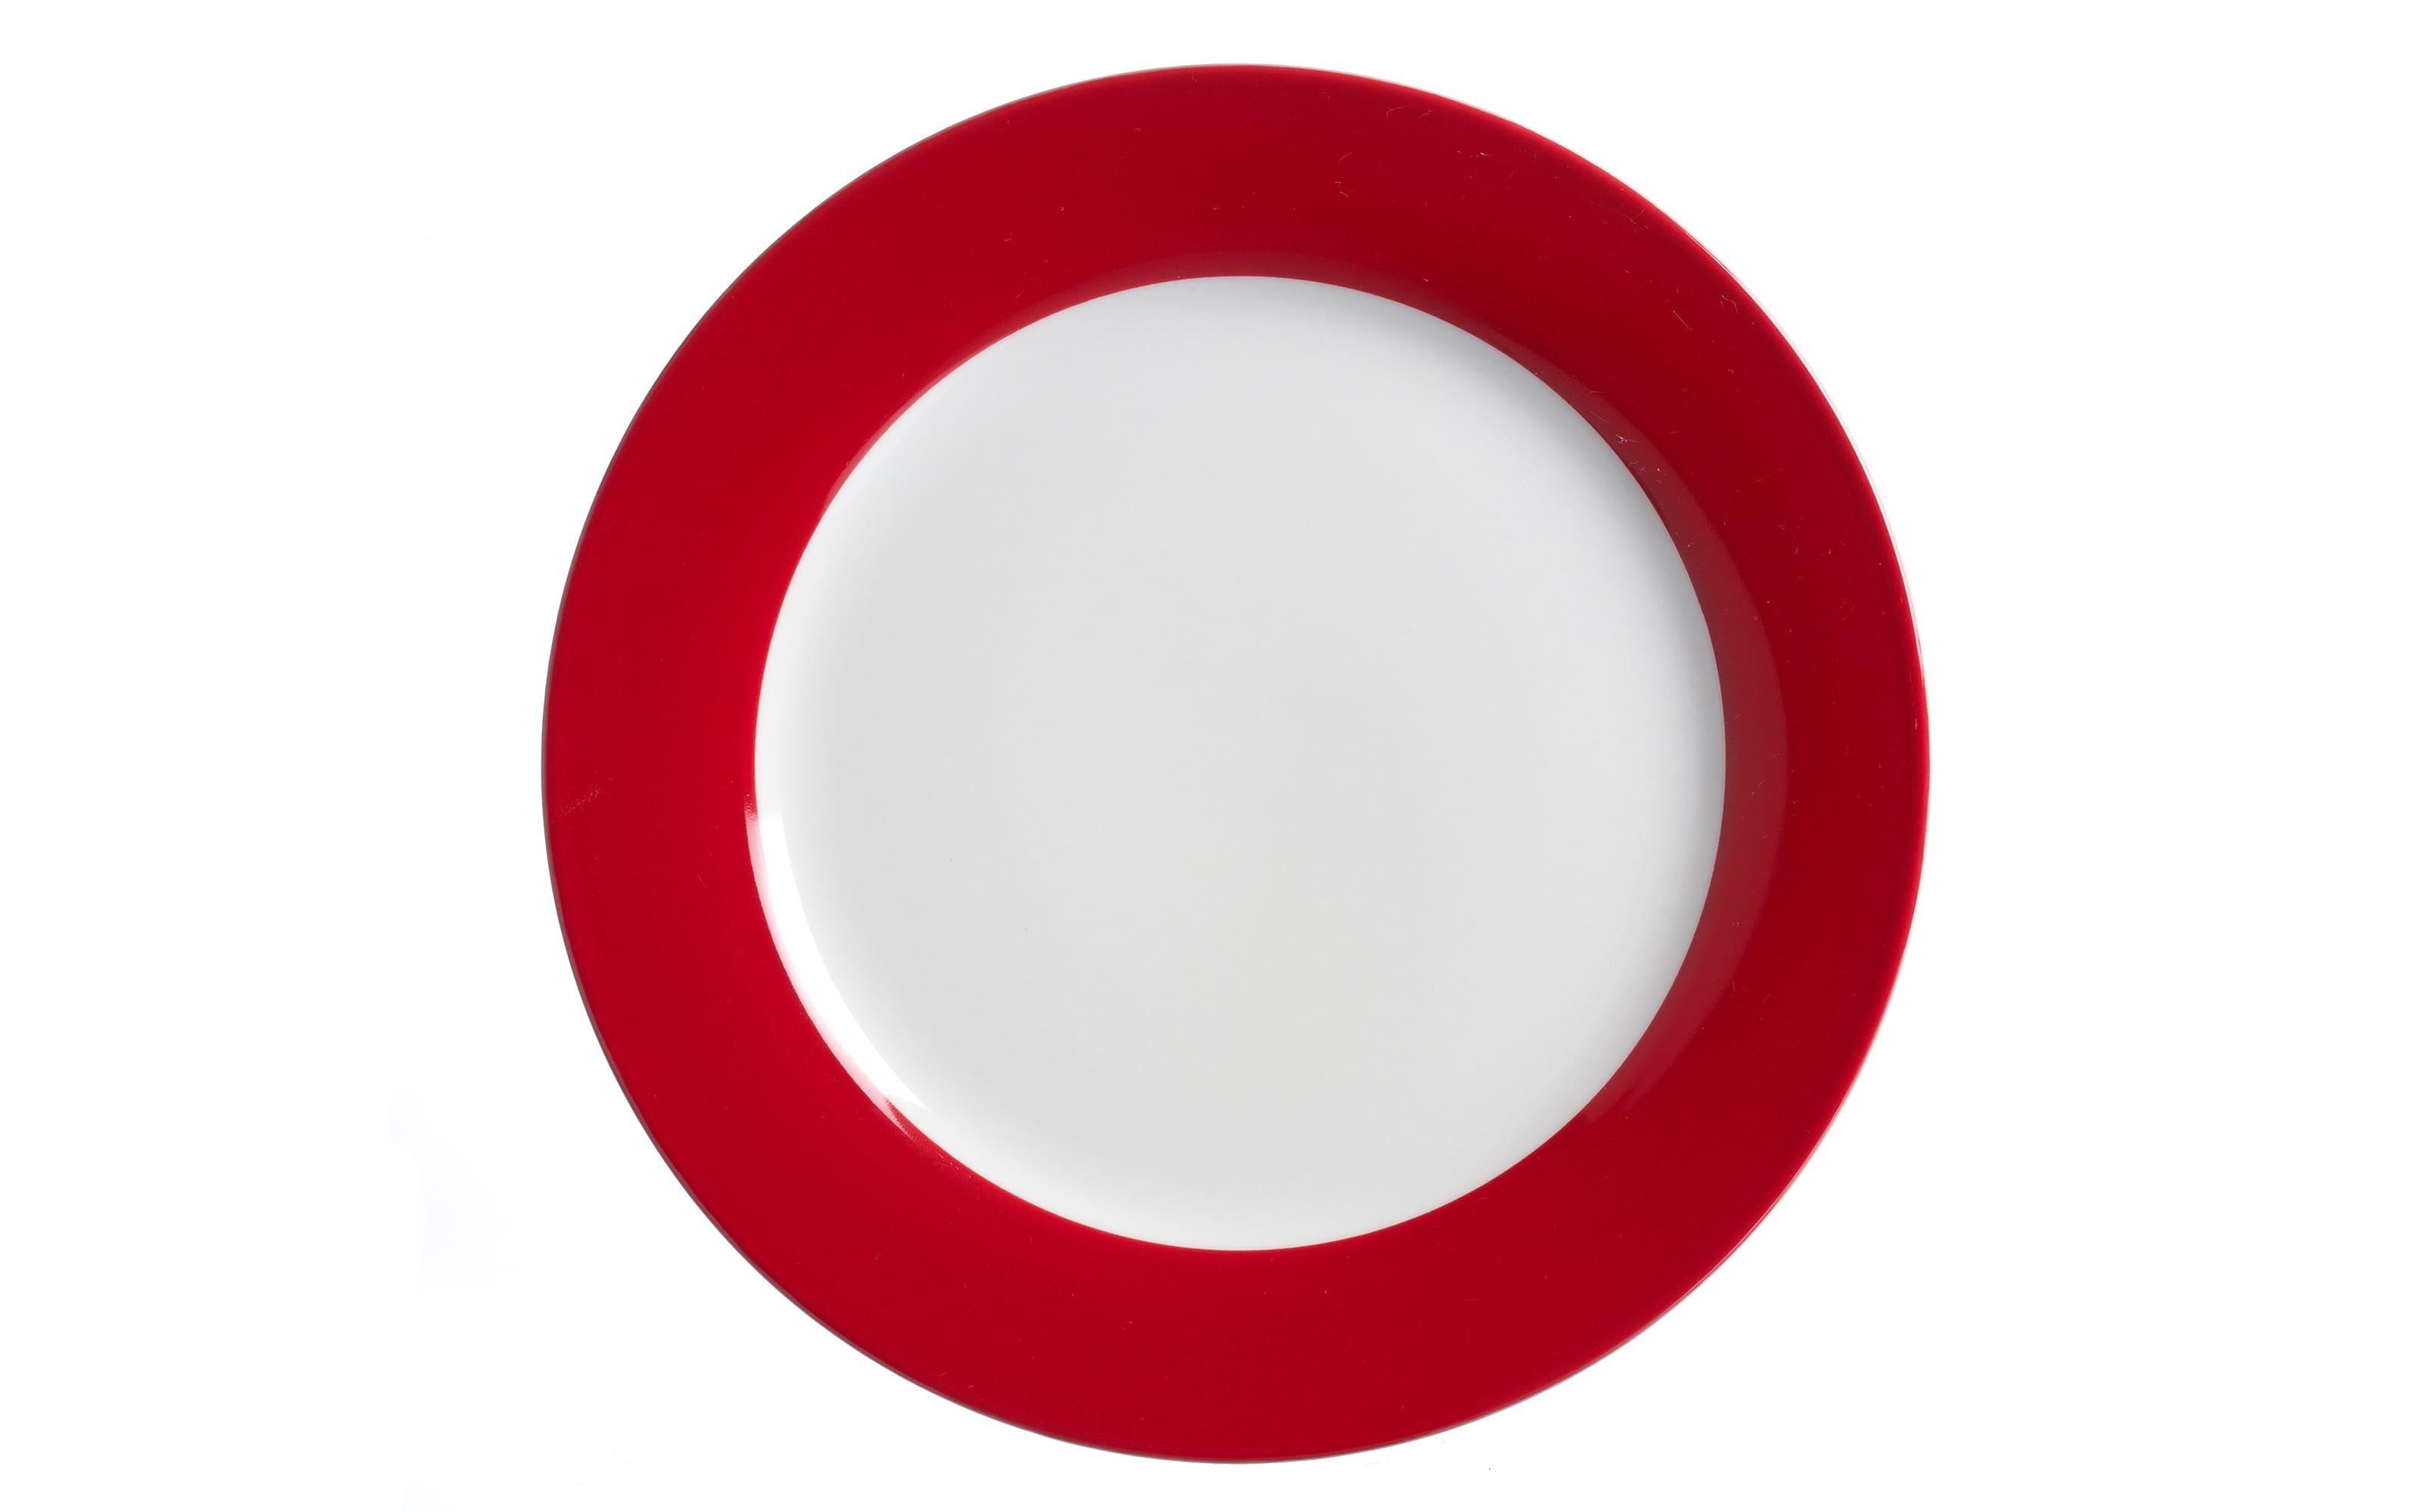 Speiseteller Doppio in rot, 27 cm